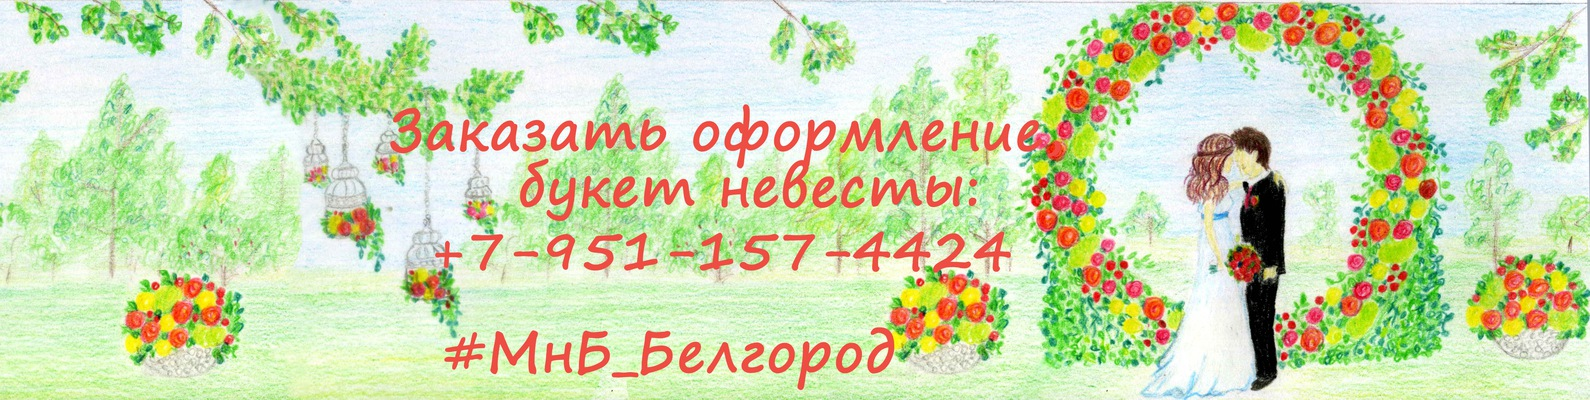 Свадебный букет заказать в белгороде заказ цветов